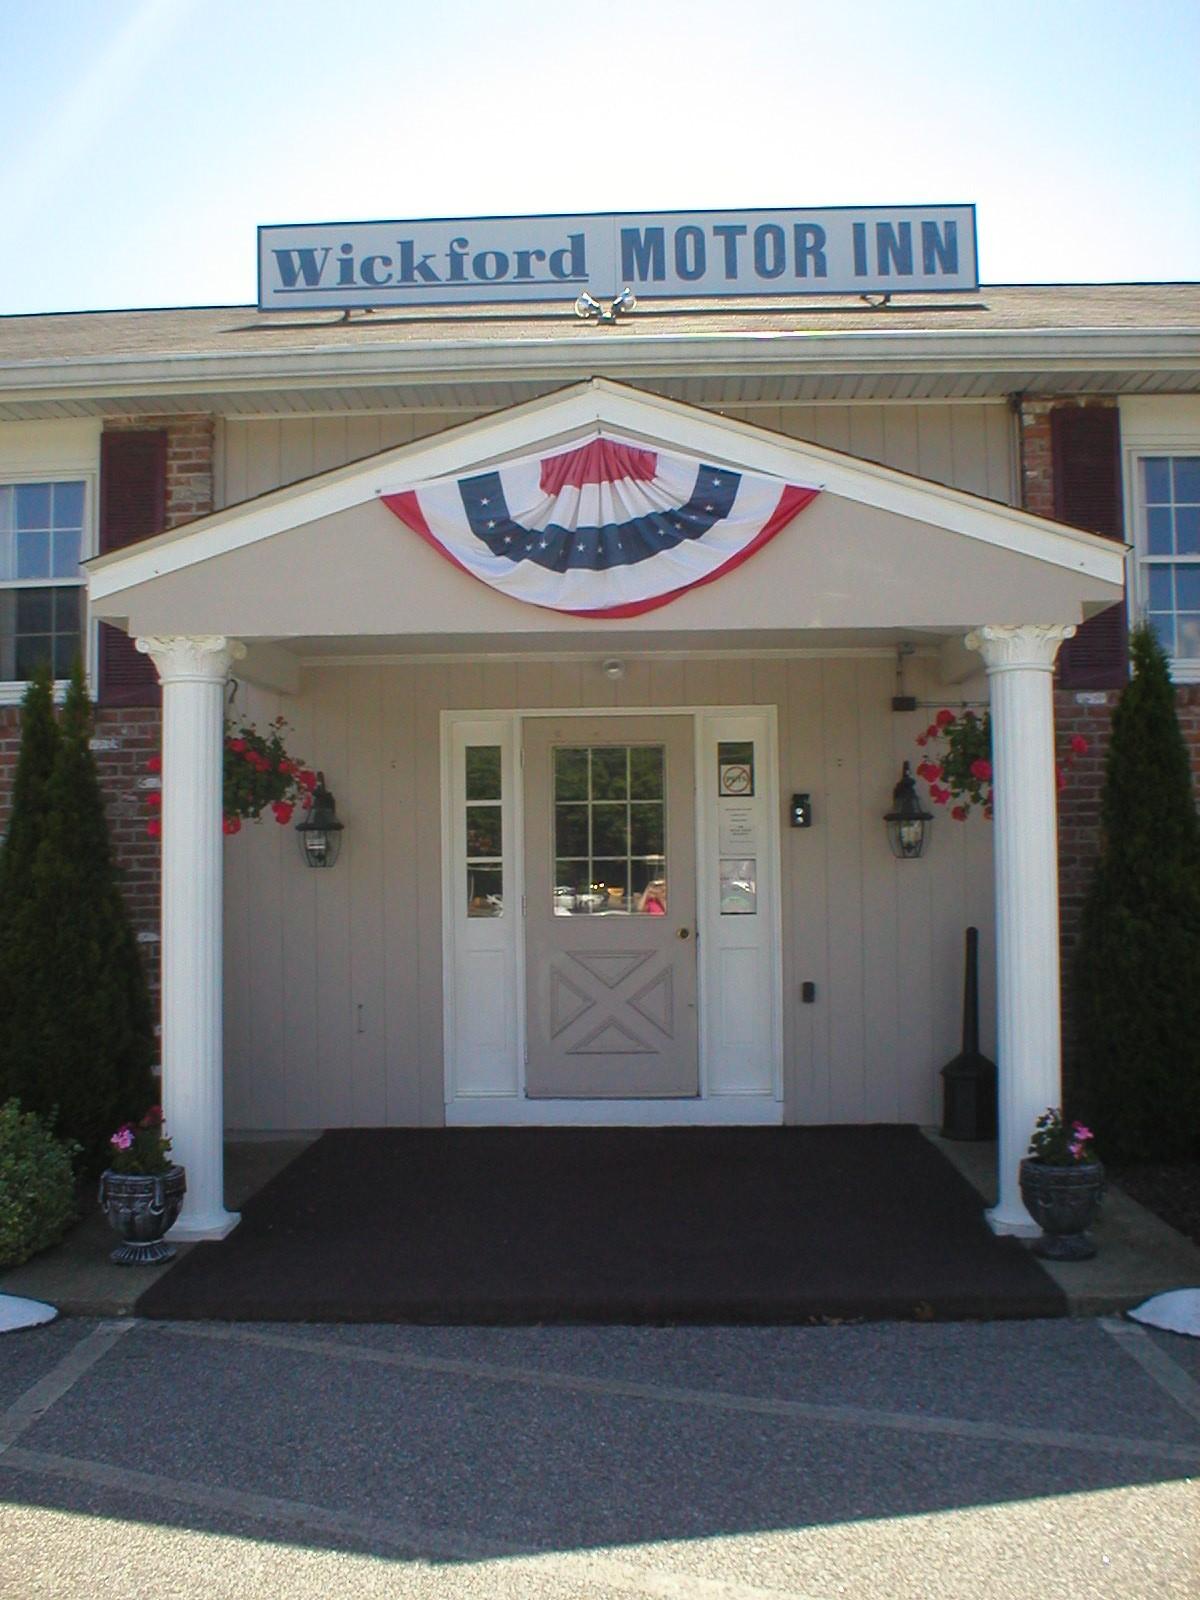 Wickford Motor Inn